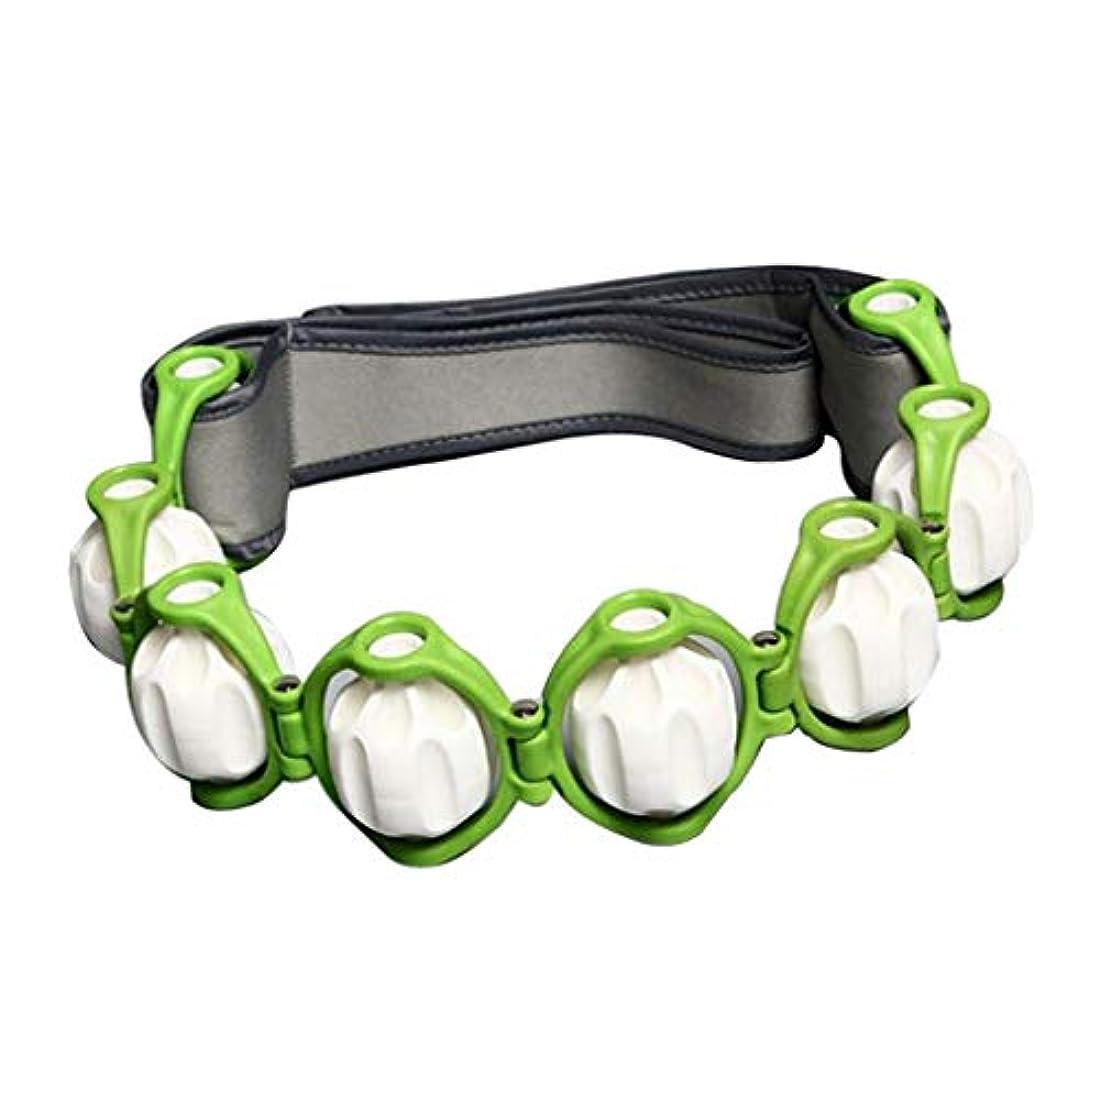 刺繍模索安西FLAMEER ボディマッサージローラー ロープ付き 六つボール 4色選べ - 緑, 説明したように